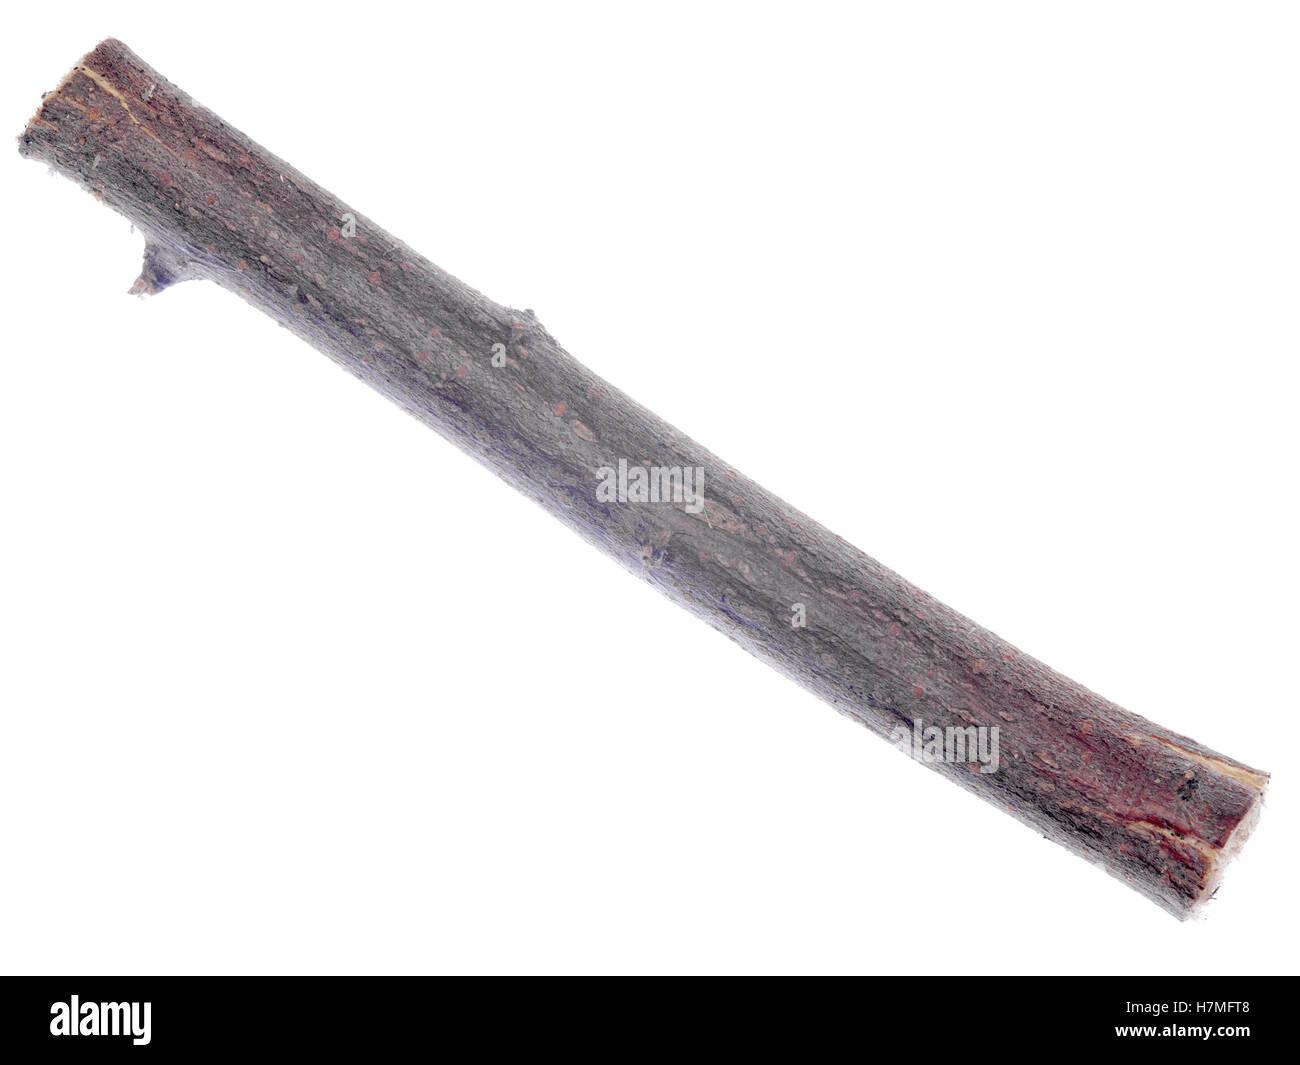 twig isolated on white background - Stock Image